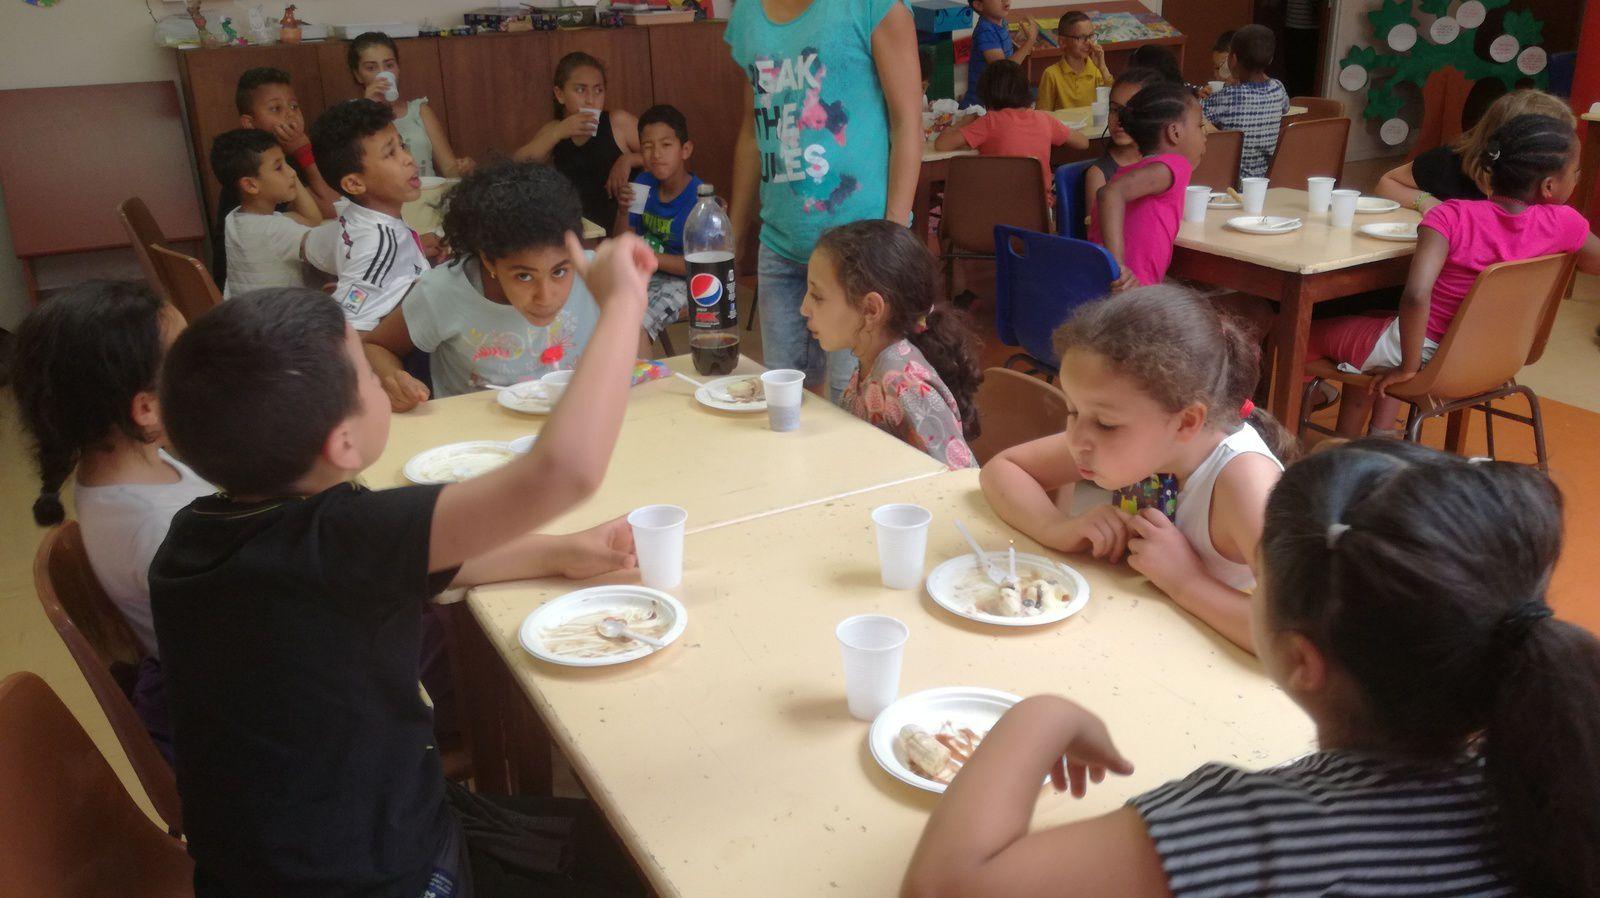 ME CRINS: Mercredi 17 mai: Fête des anniversaires et repas Pan bagnat